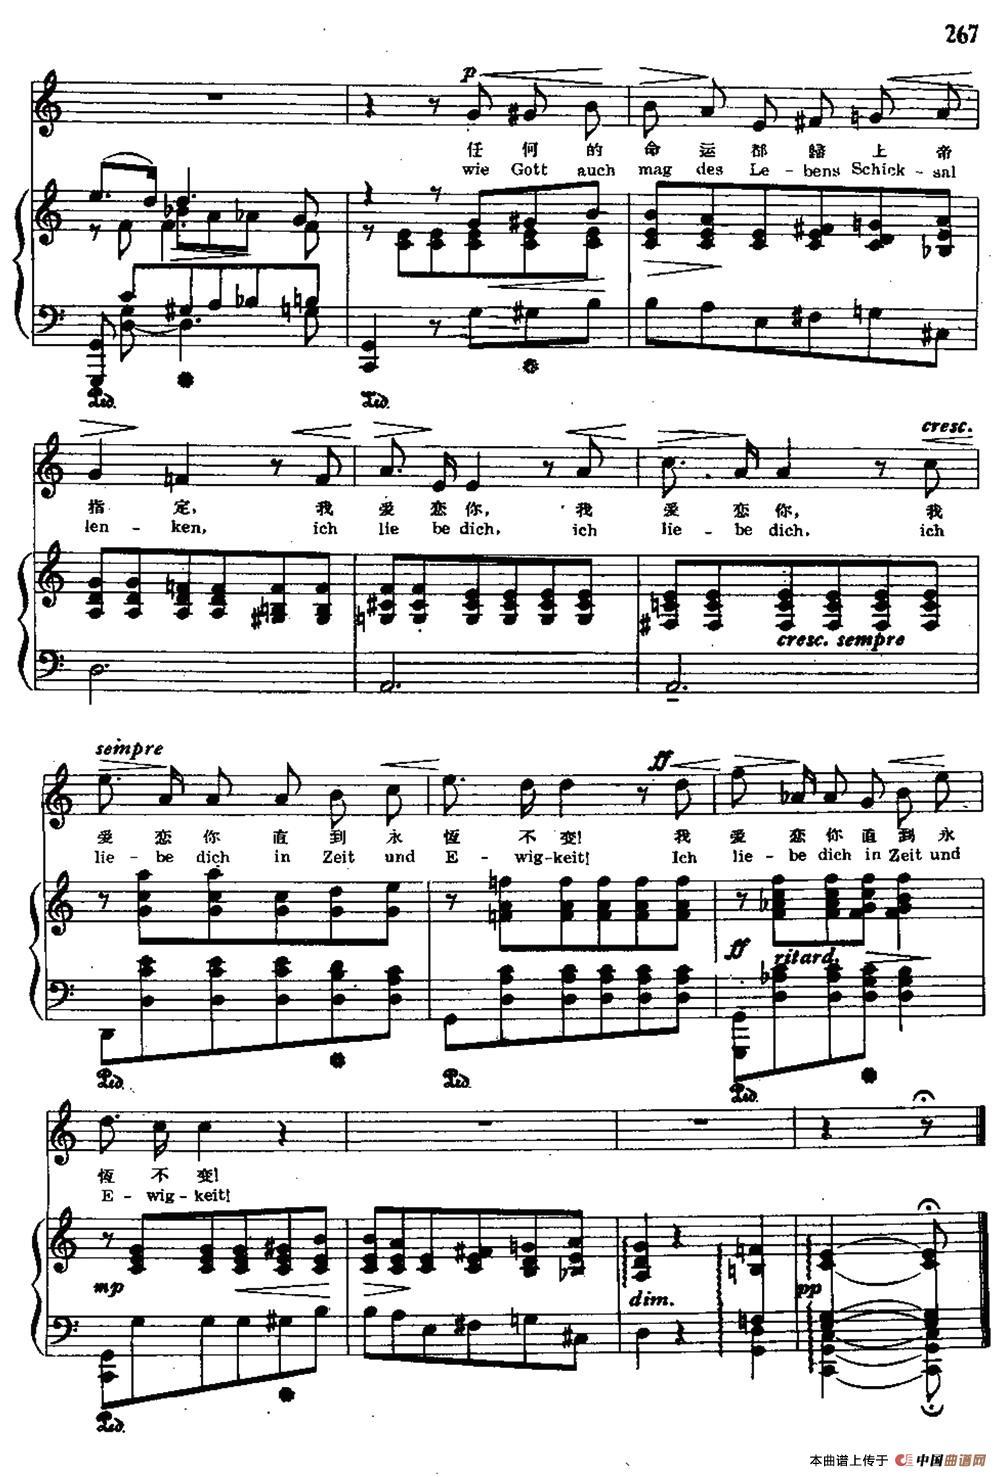 愿将我的爱给你歌谱-照 正谱 外国曲谱 中国曲谱网